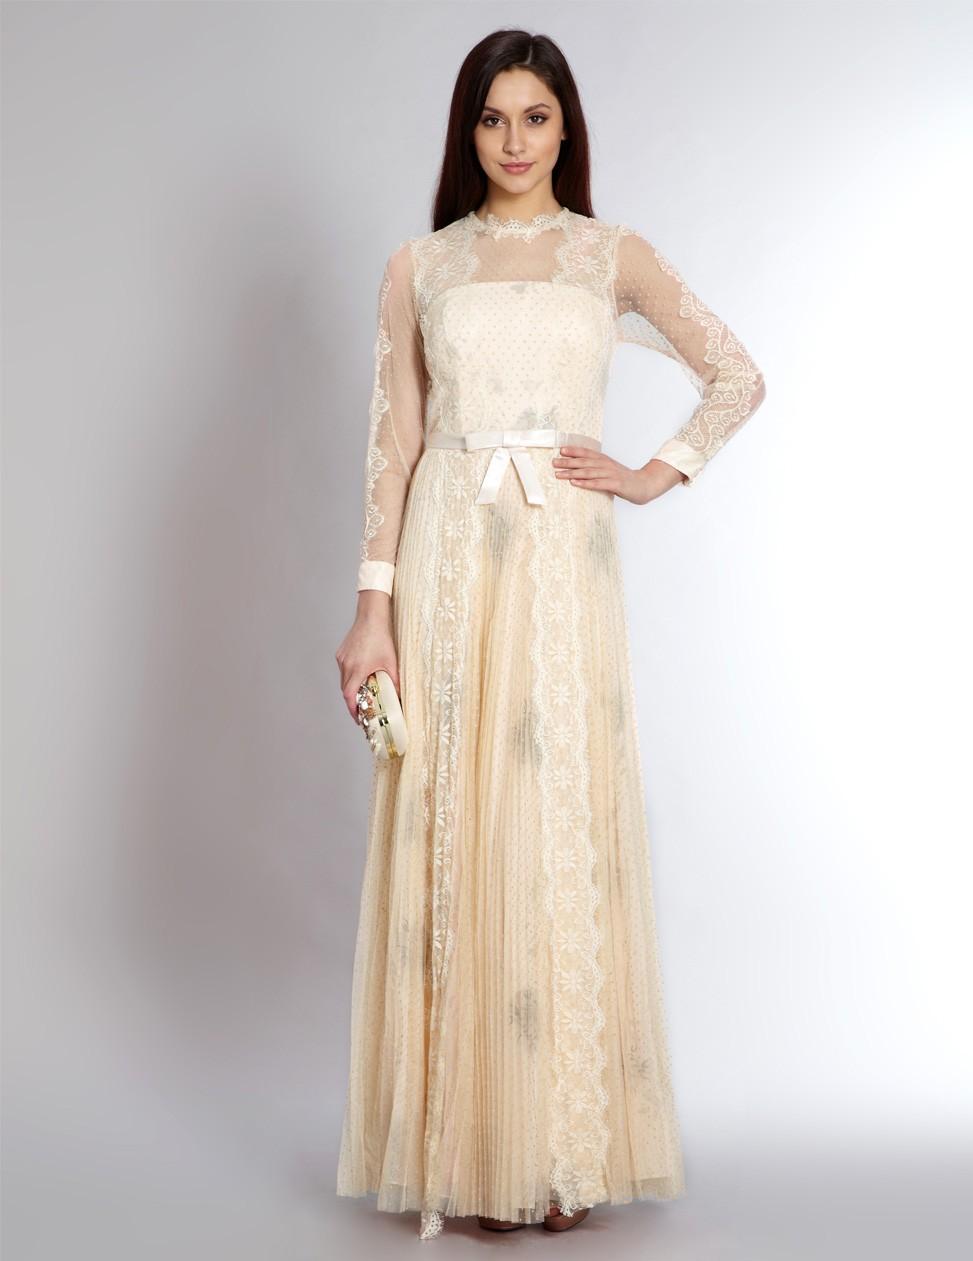 Berühmt Maxi Prom Kleider Zeitgenössisch - Hochzeit Kleid Stile ...